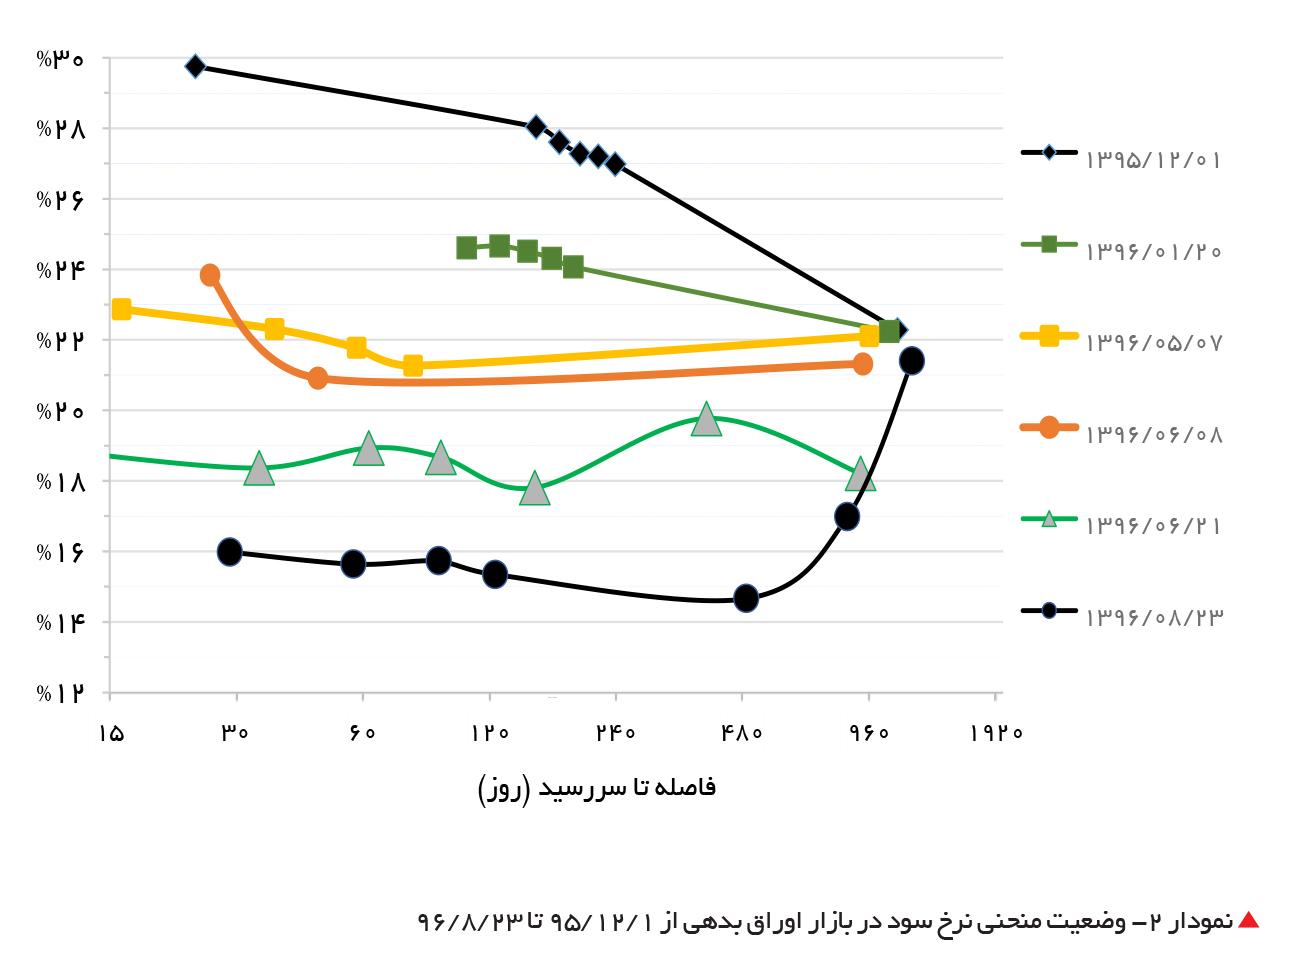 تجارت- فردا-  نمودار 2- وضعیت منحنی نرخ سود در بازار اوراق بدهی از 1 /12 /95 تا 23 /8 /96